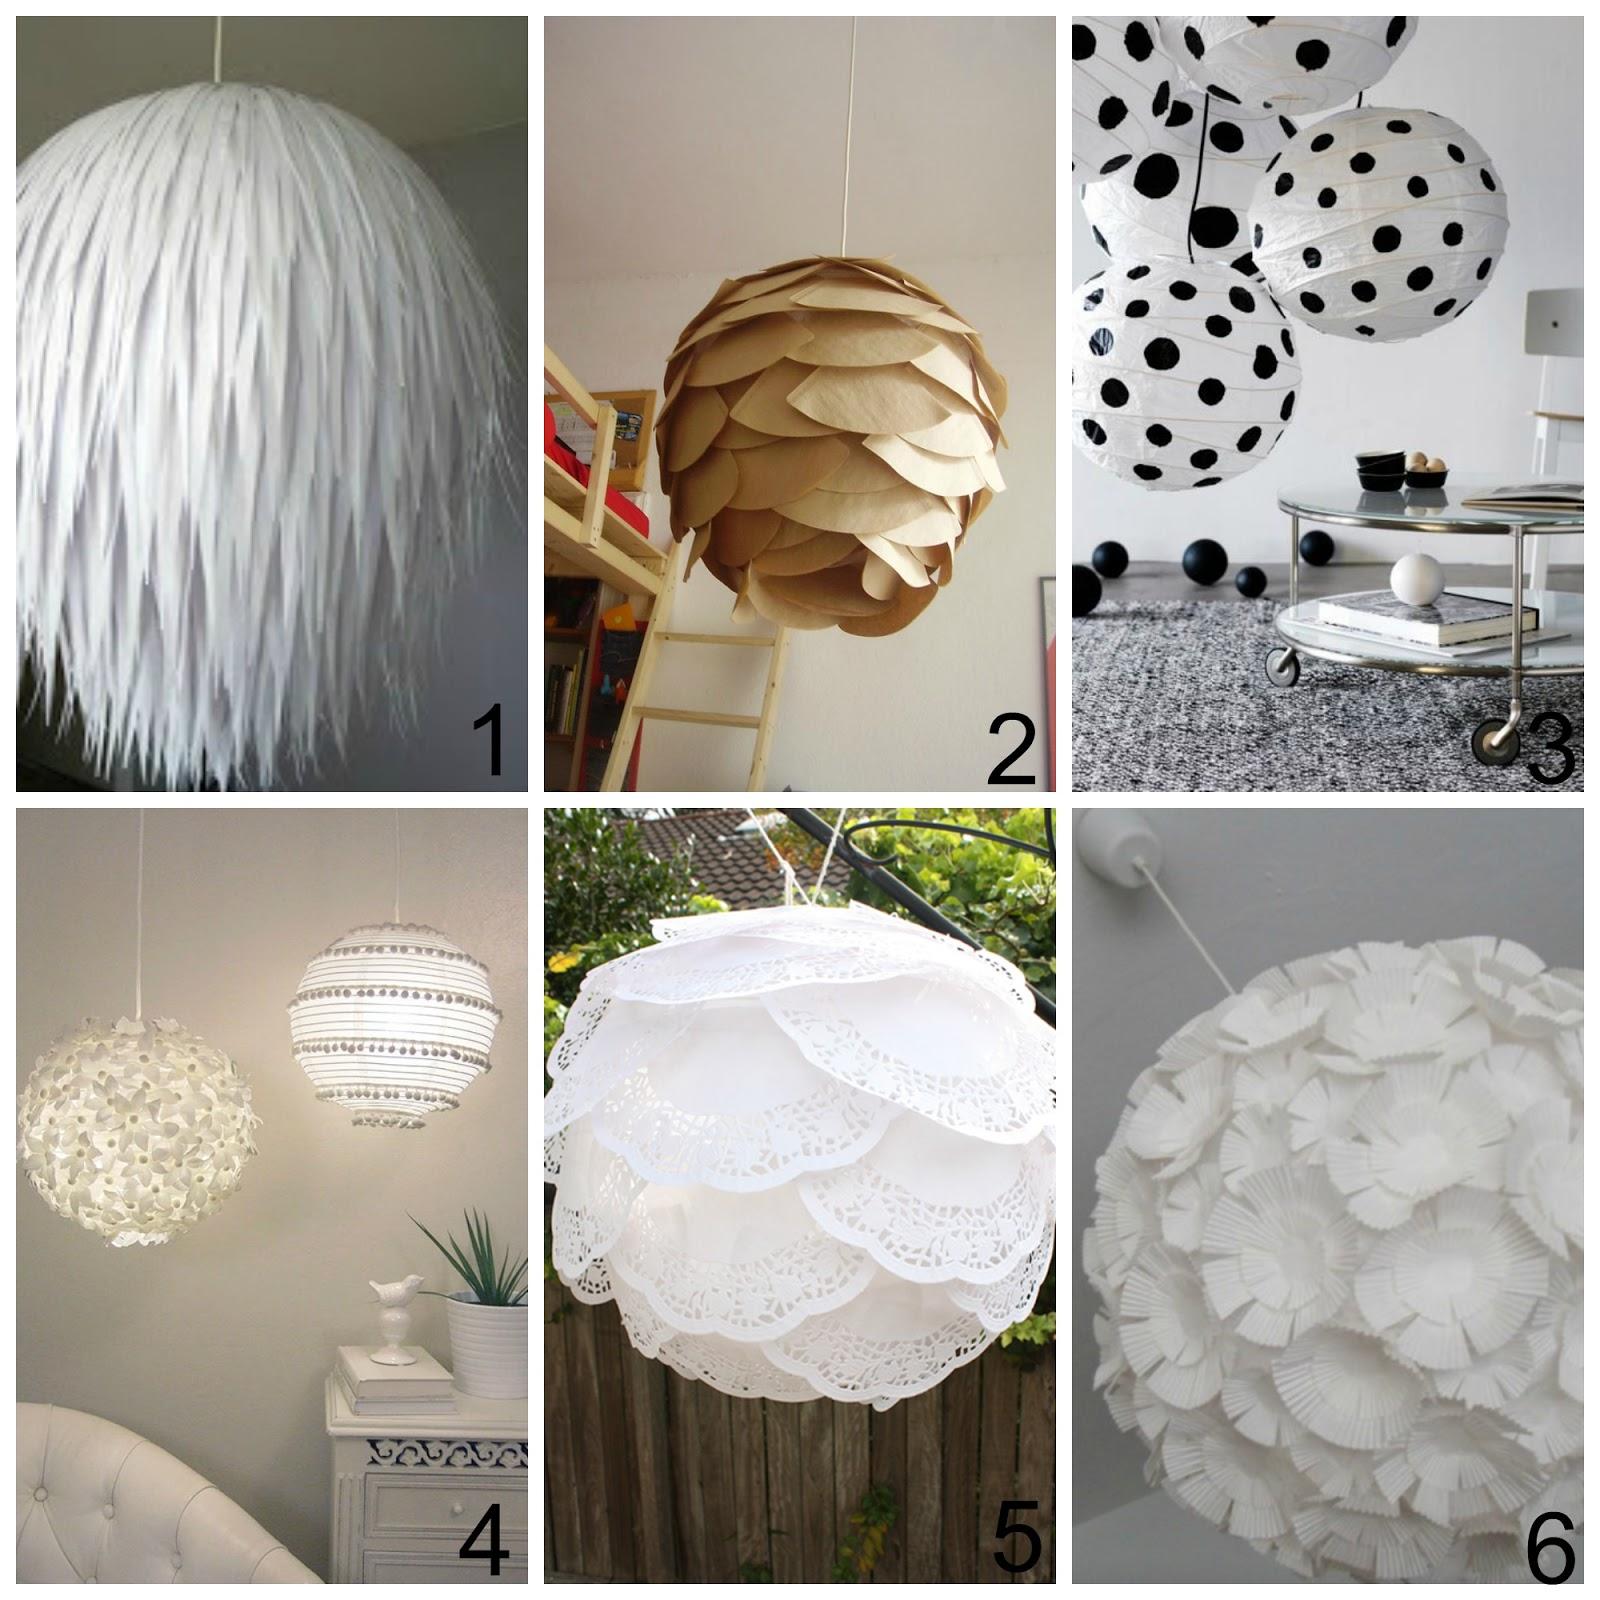 09cdd9a603 Come decorare i lampadari di carta dell'Ikea - 6 Idee e tutorial facili